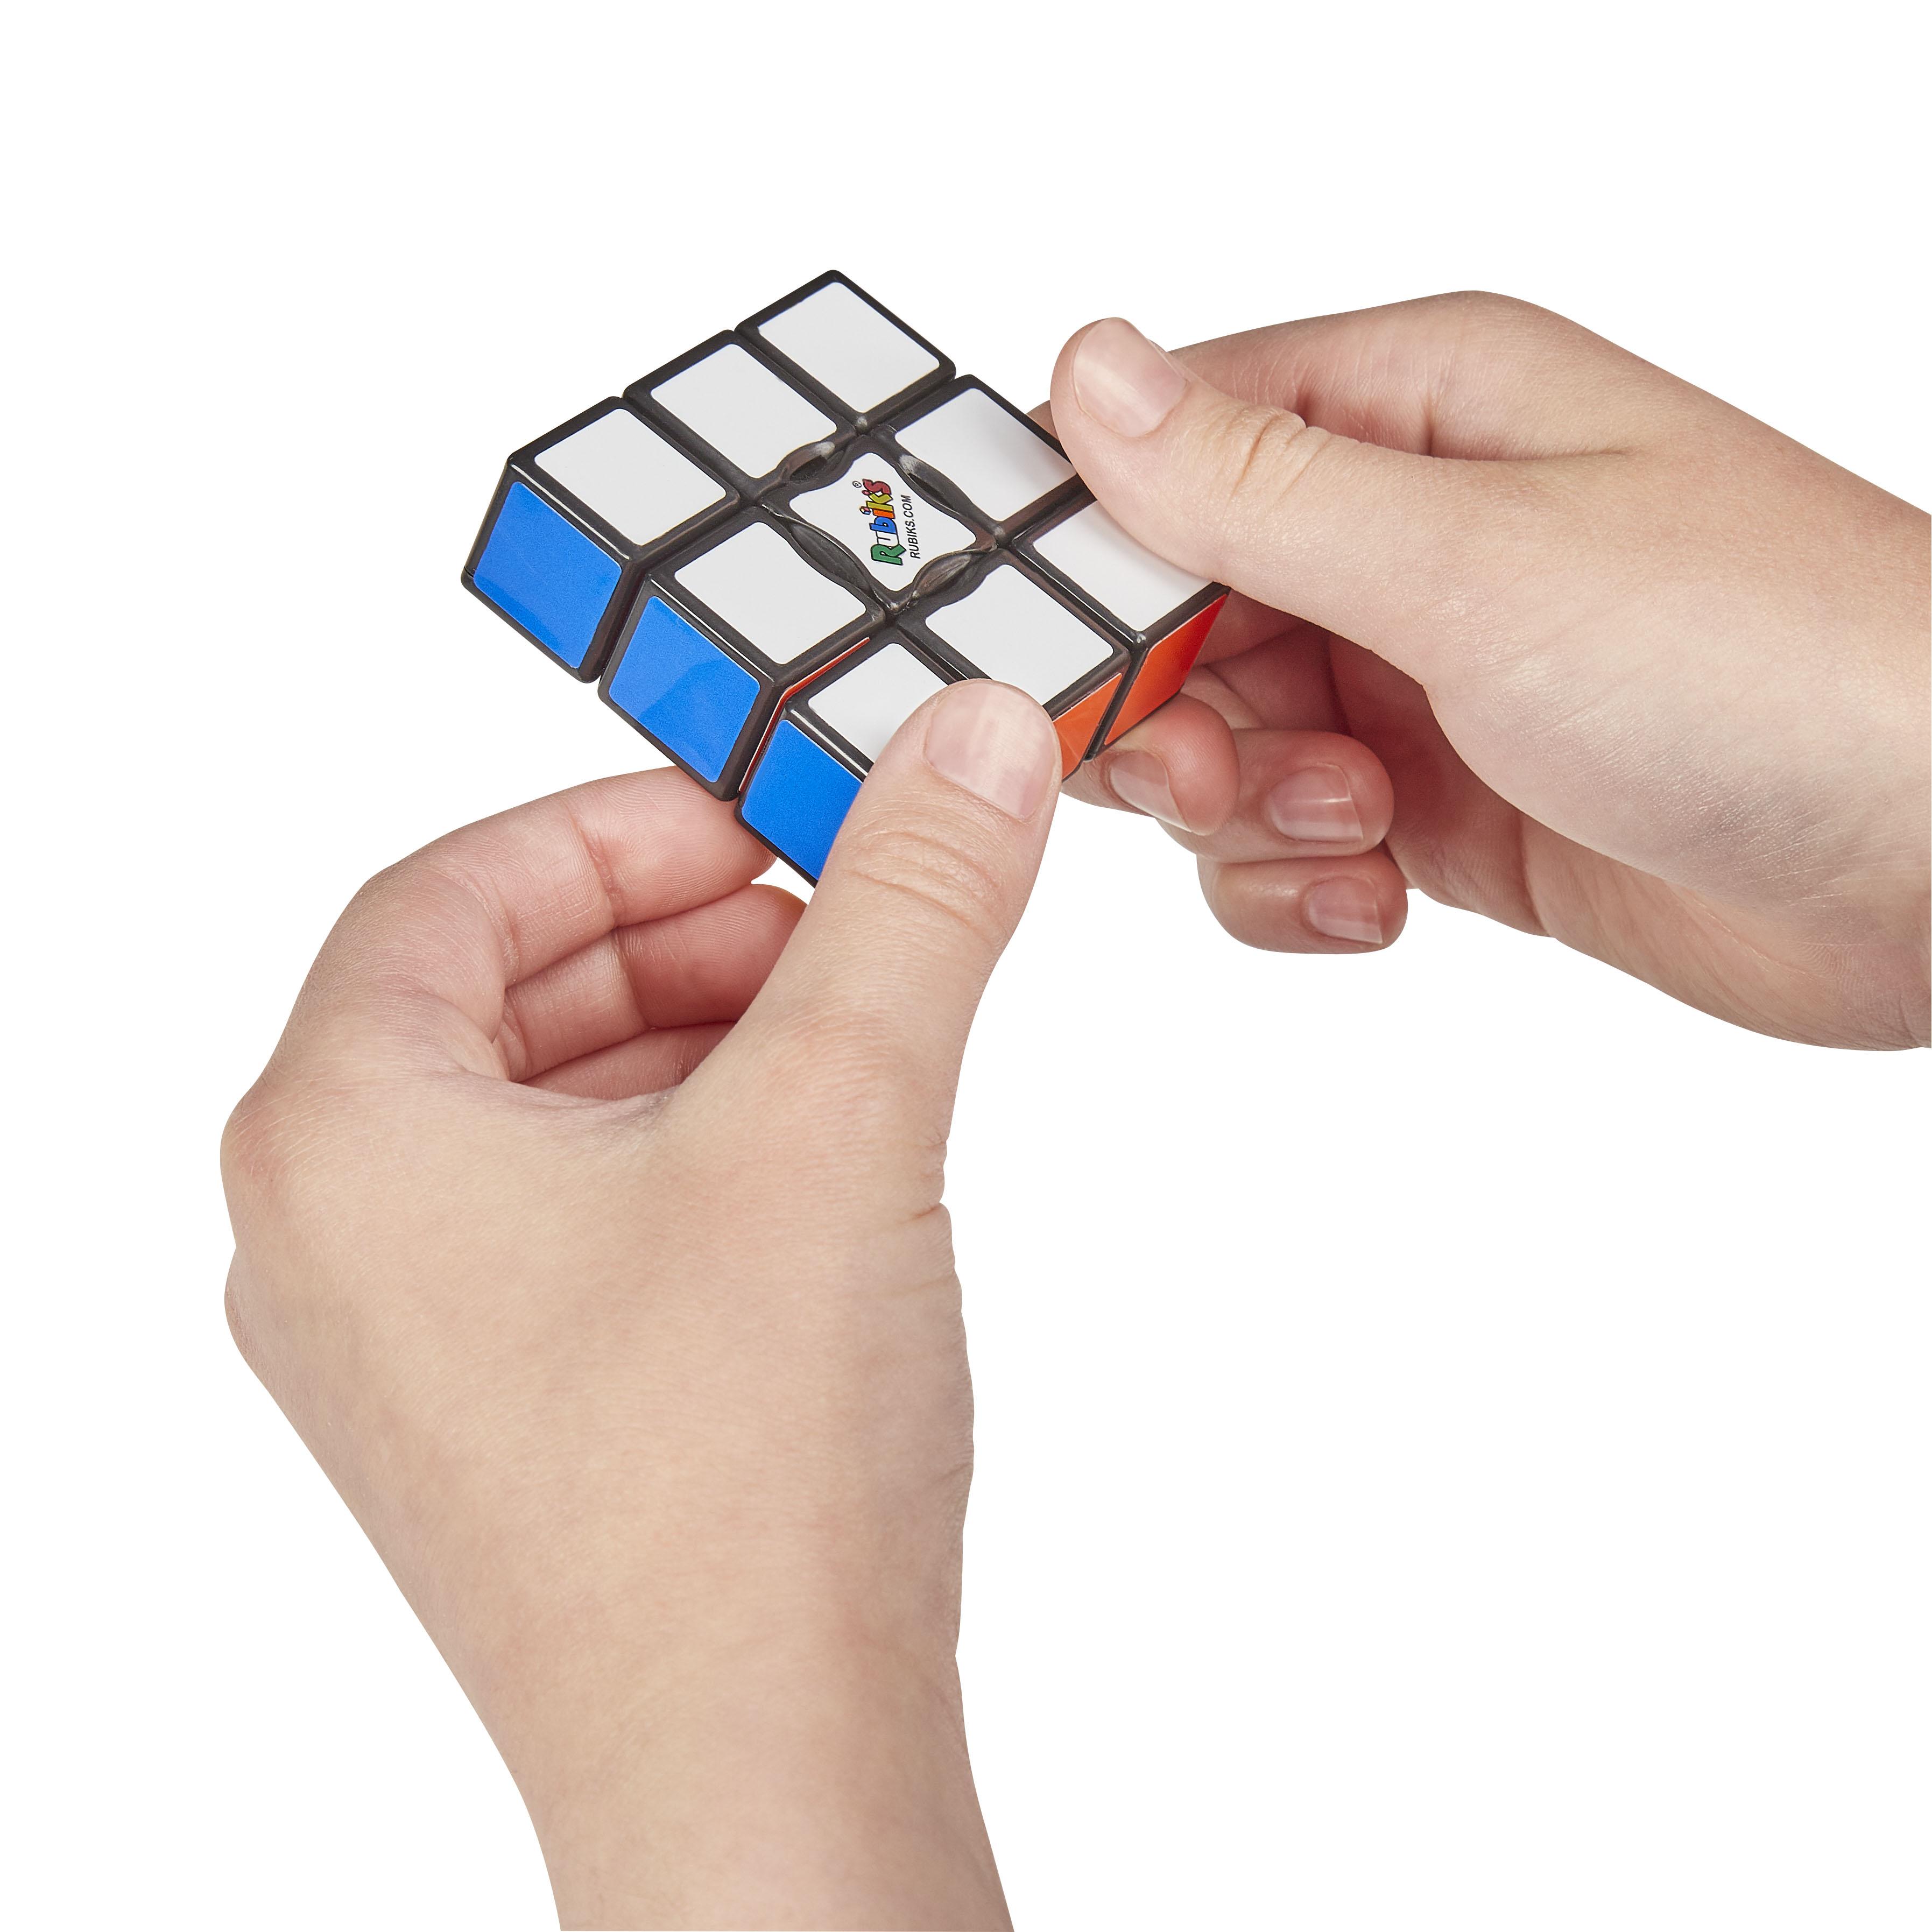 E6915 Rubik'sEdge